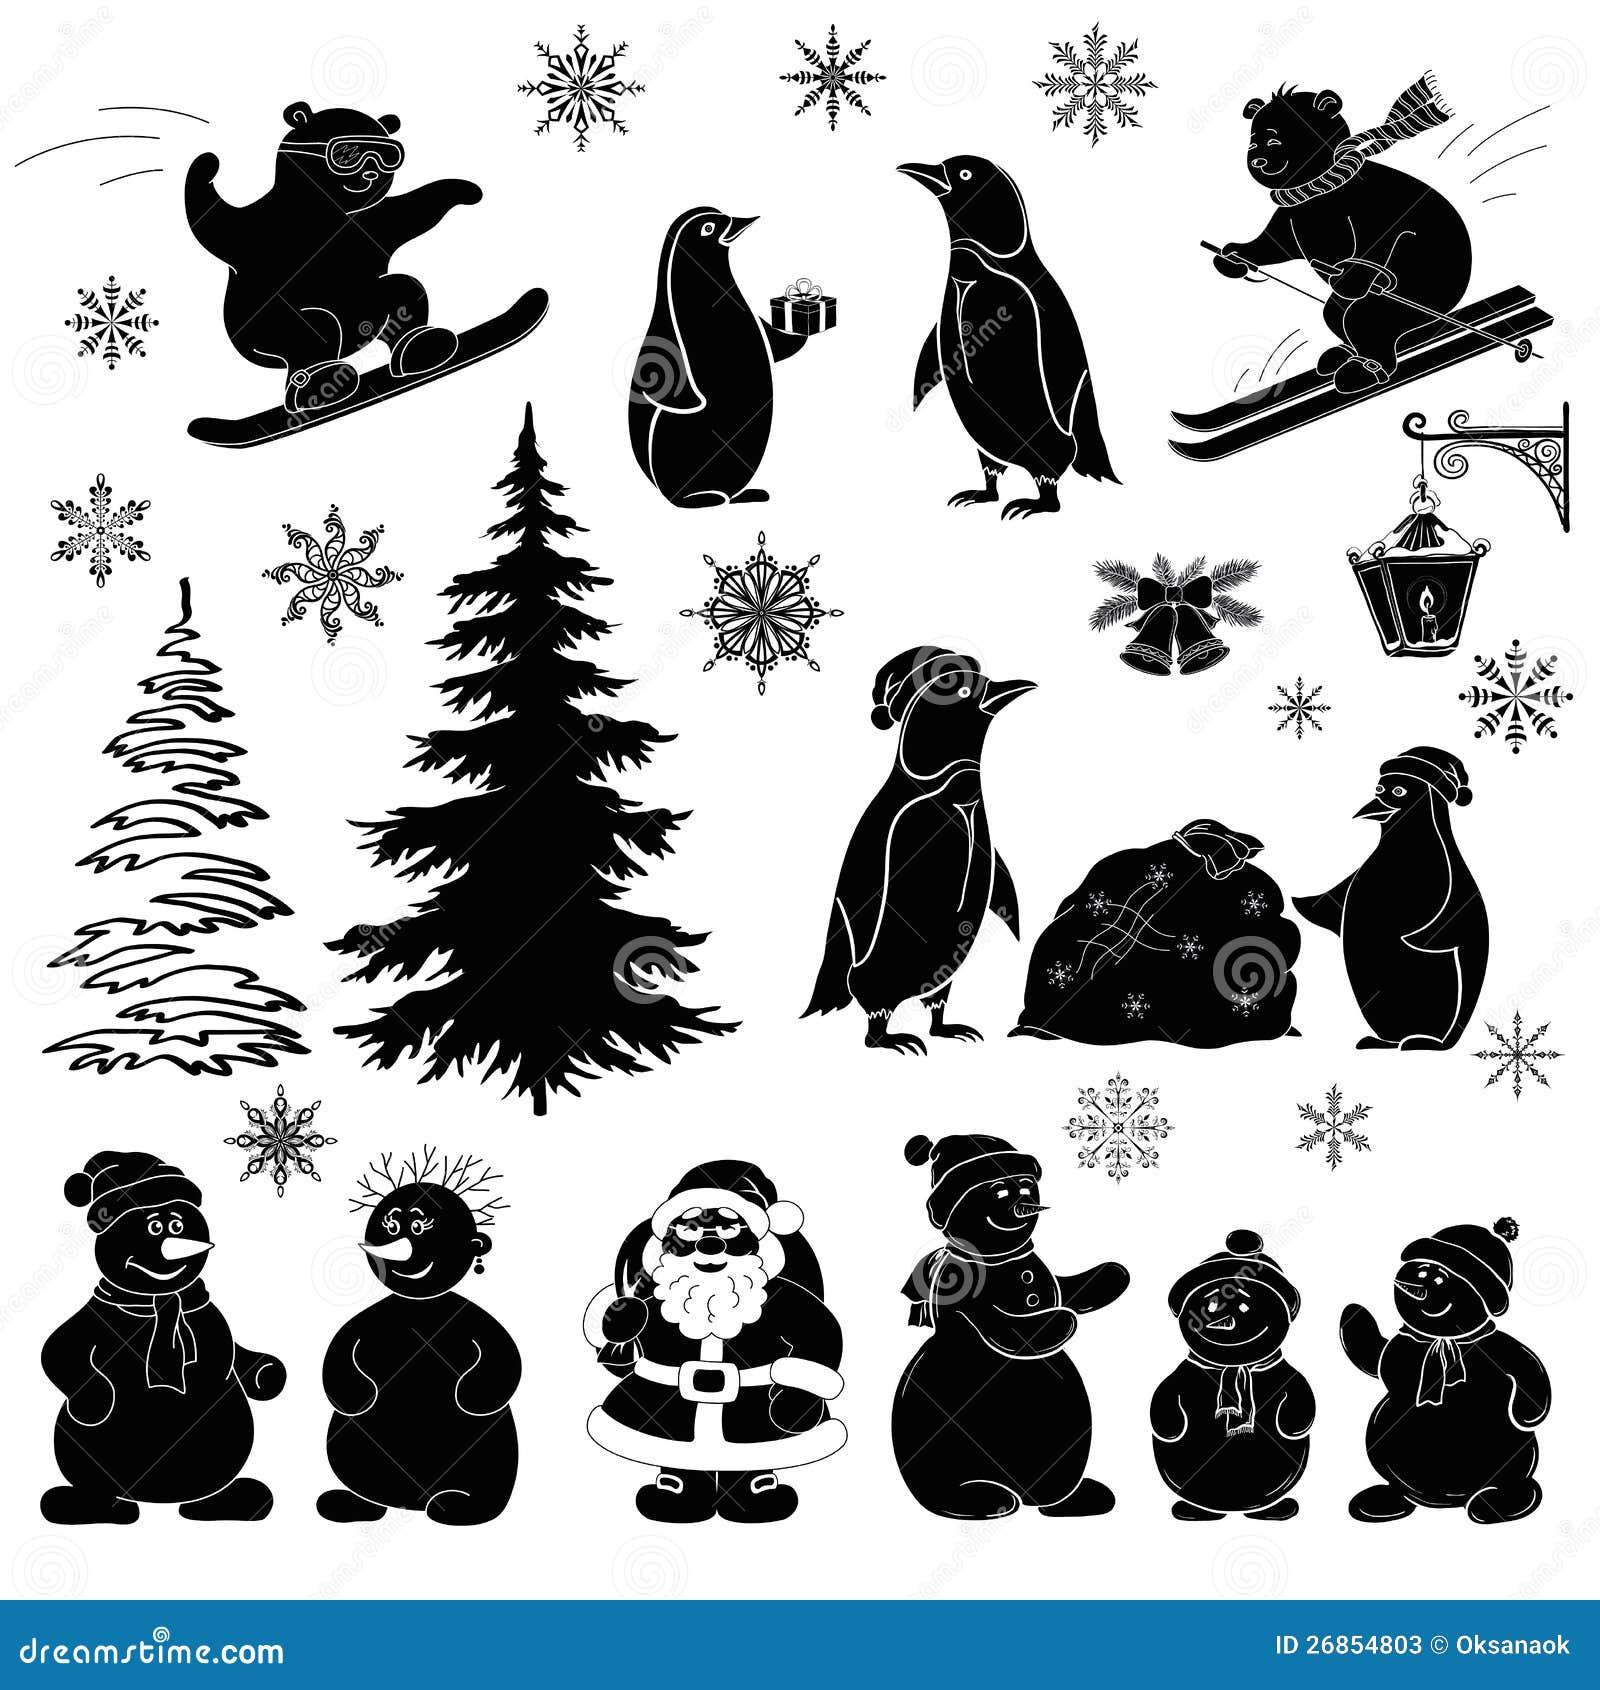 le dessin anim de no l a plac les silhouettes noires illustration de vecteur image 26854803. Black Bedroom Furniture Sets. Home Design Ideas